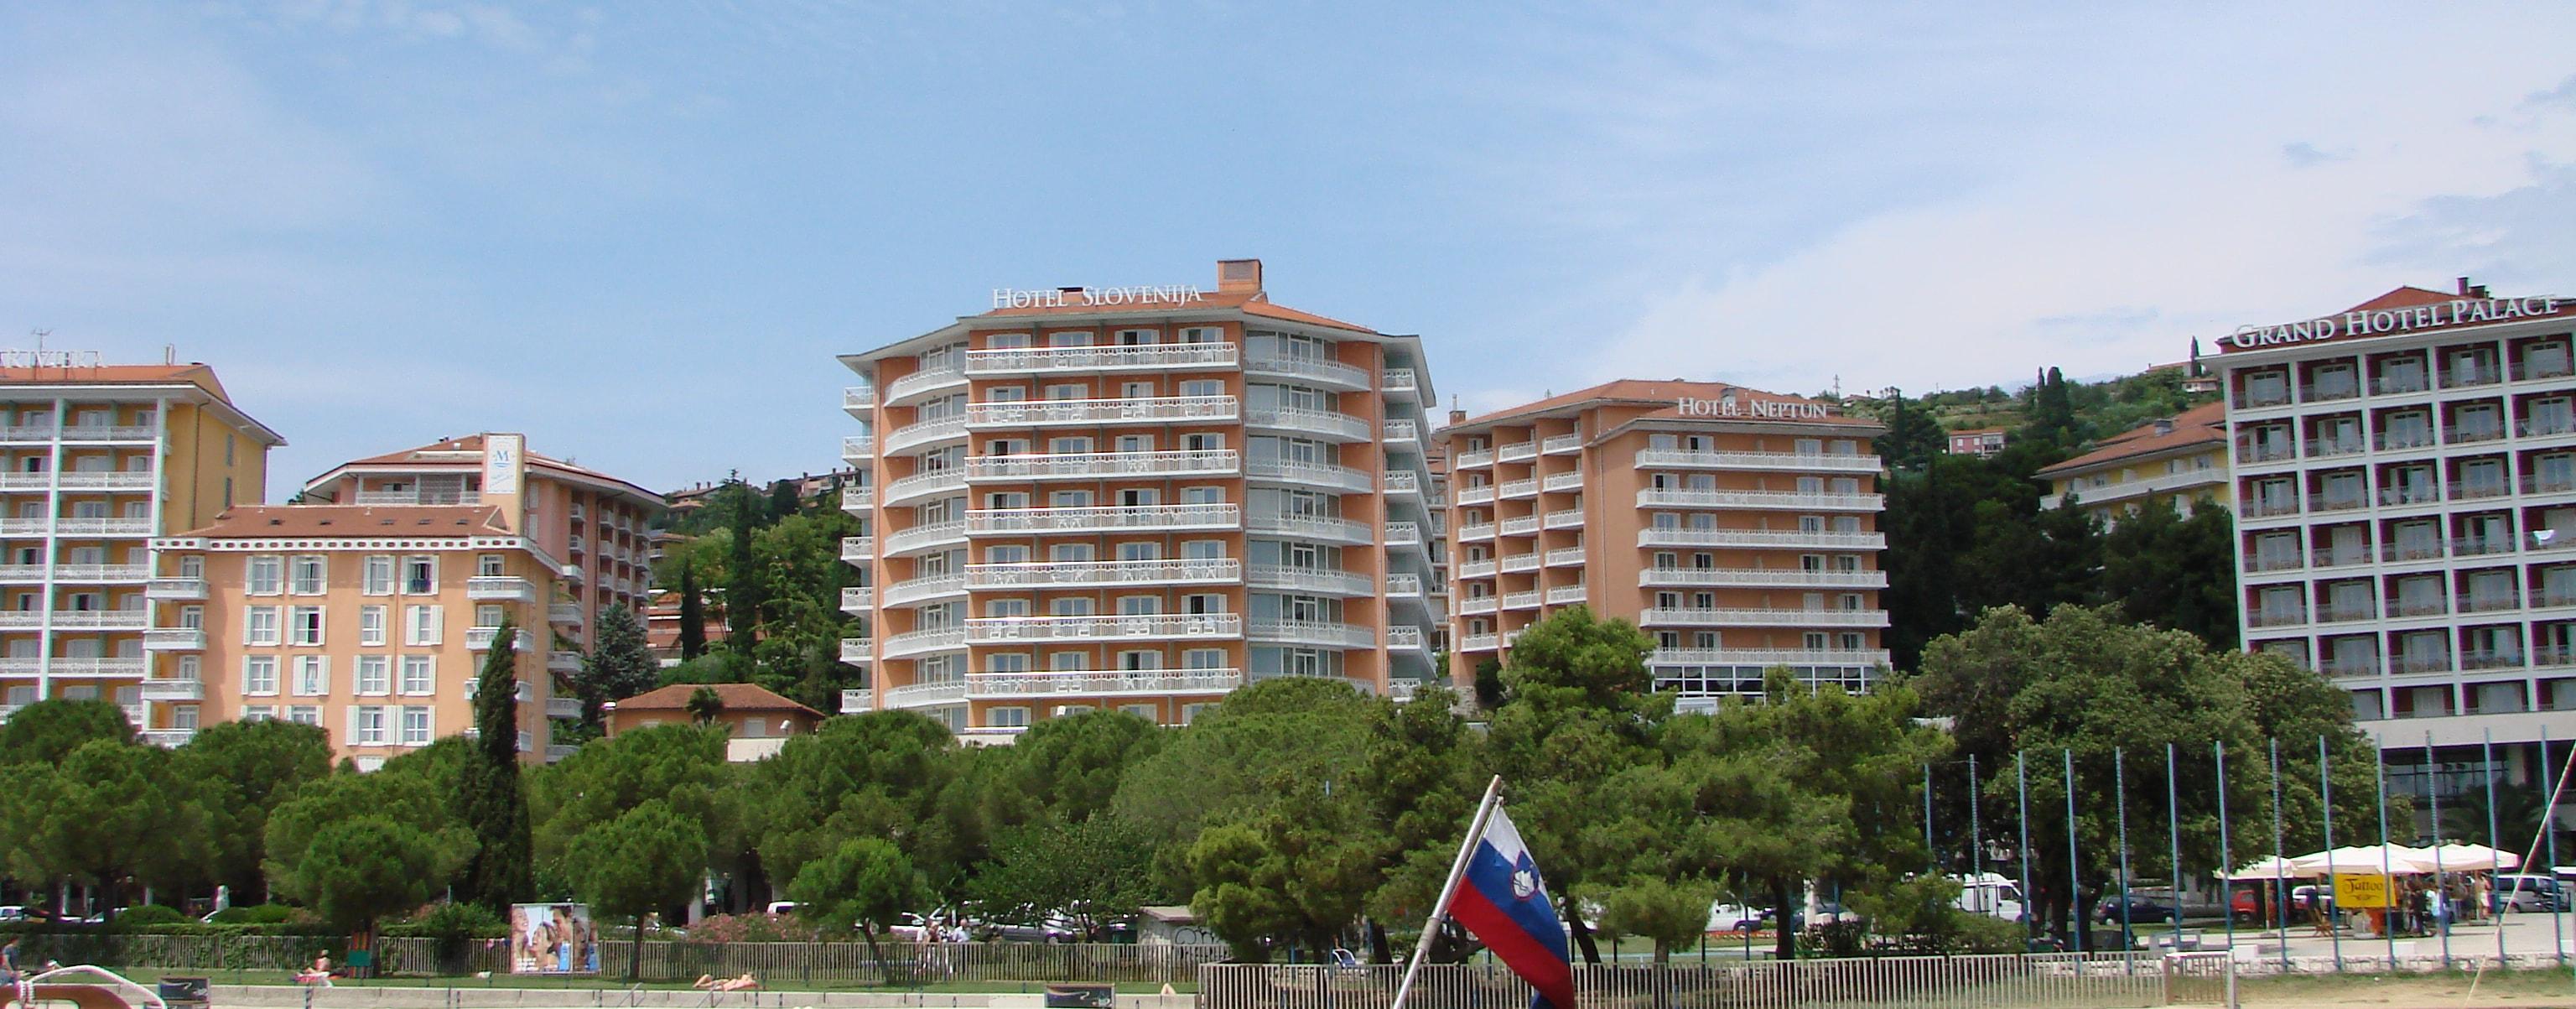 V hotele v Portorožu prihajajo zlasti bolj premožni Rusi. Vir fotografije: wikipedia.org / Matjaž Zaplotnik